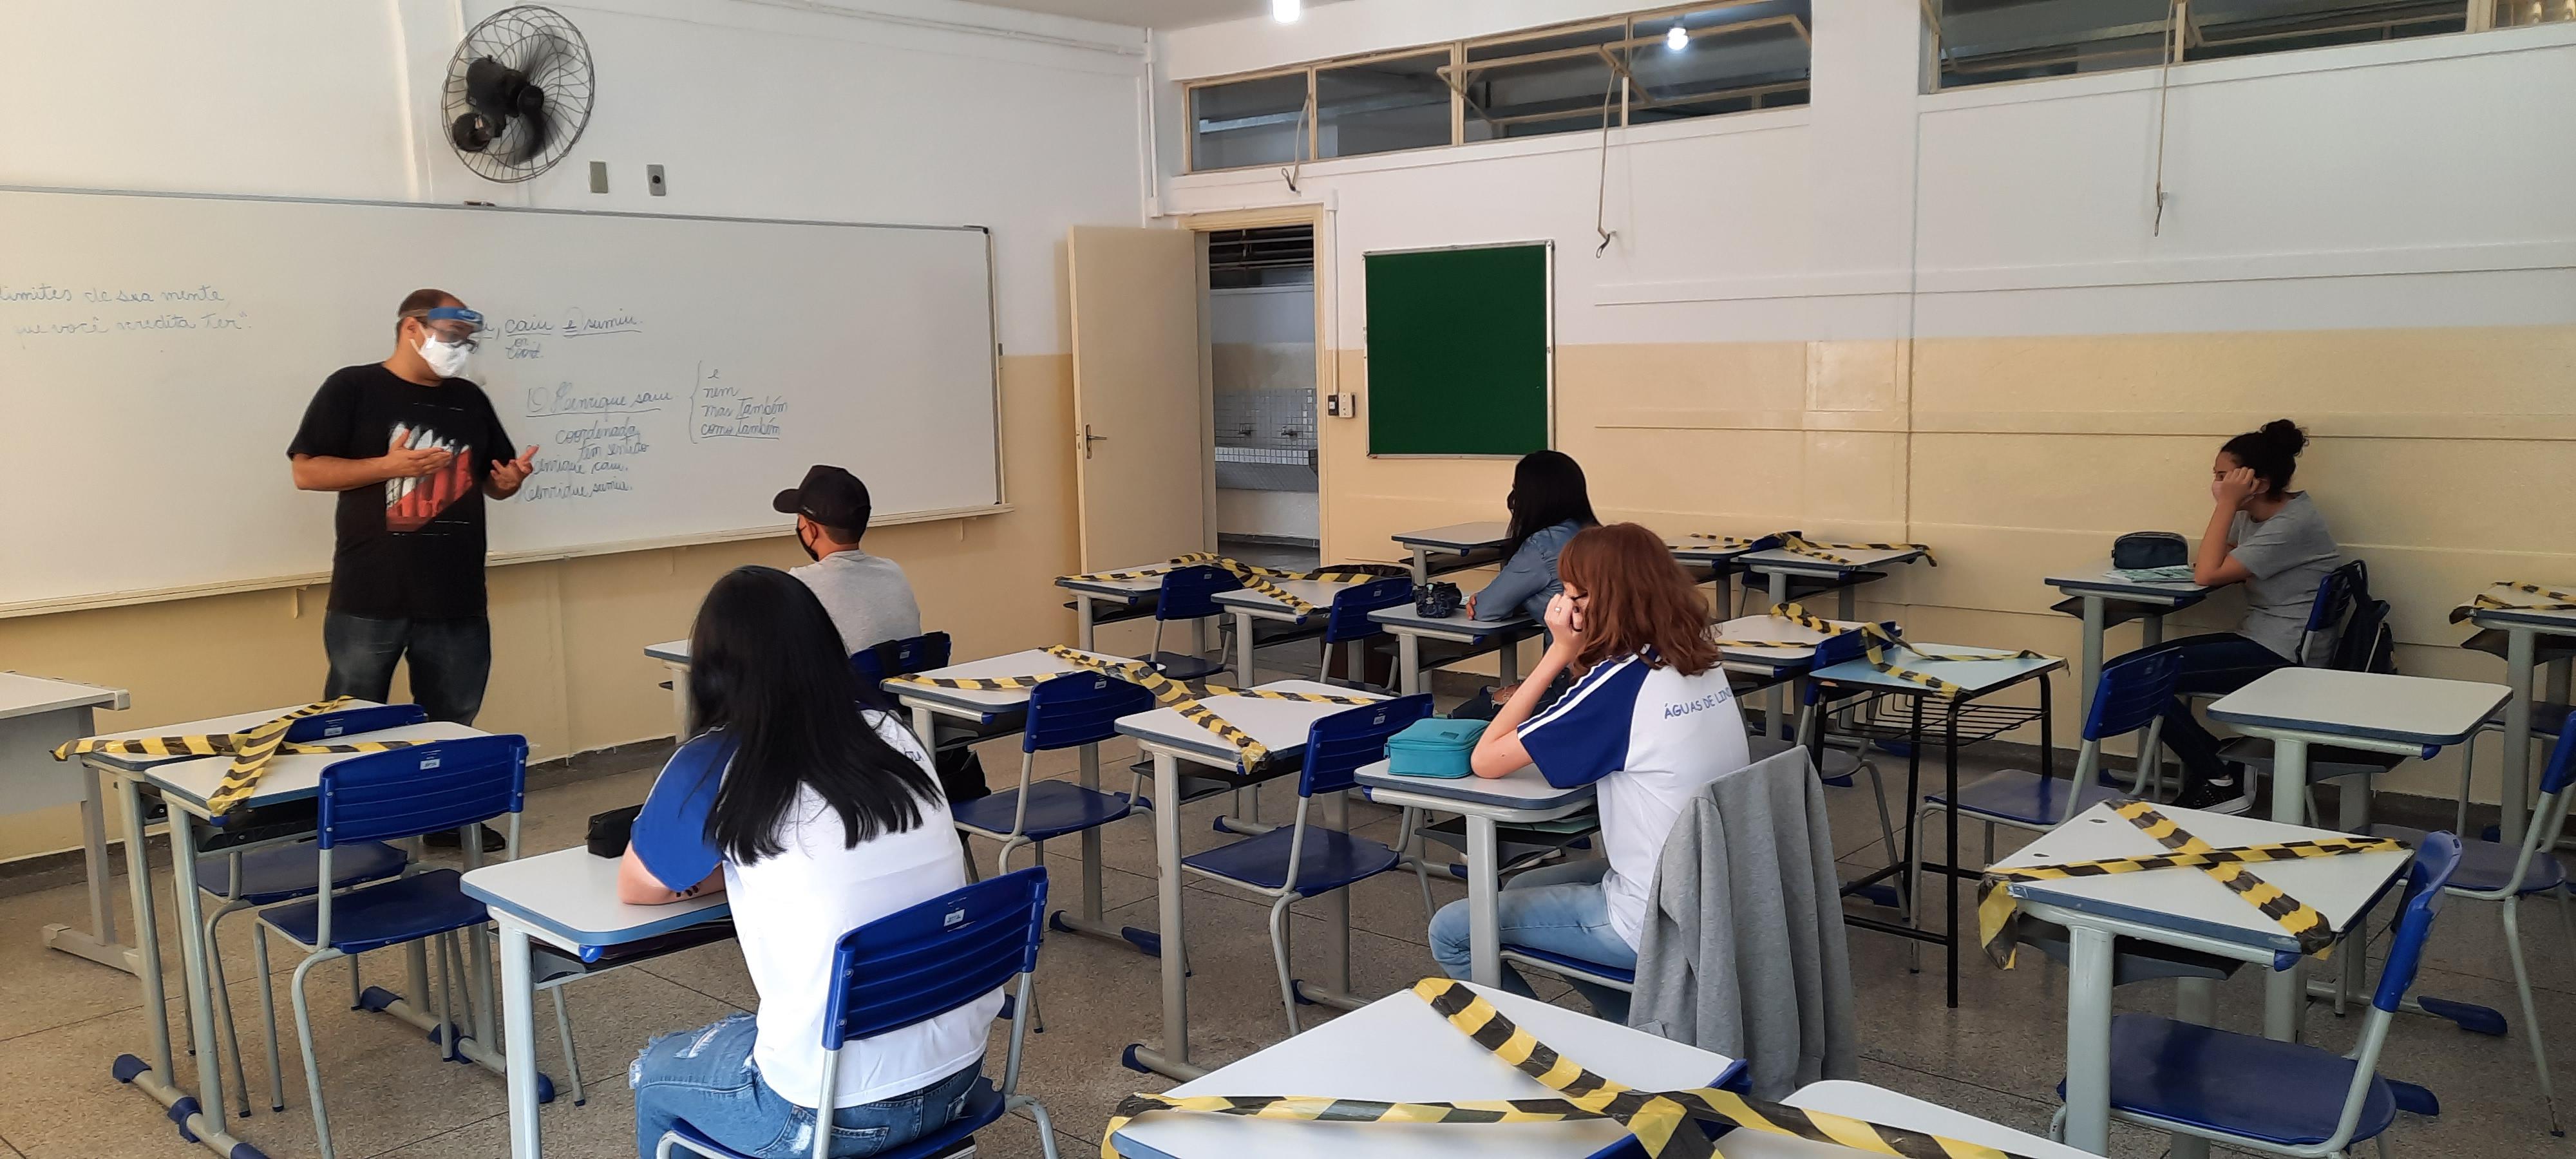 Escolas de Águas de Lindoia registram presença de menos da metade dos alunos esperados para o primeiro dia de aula